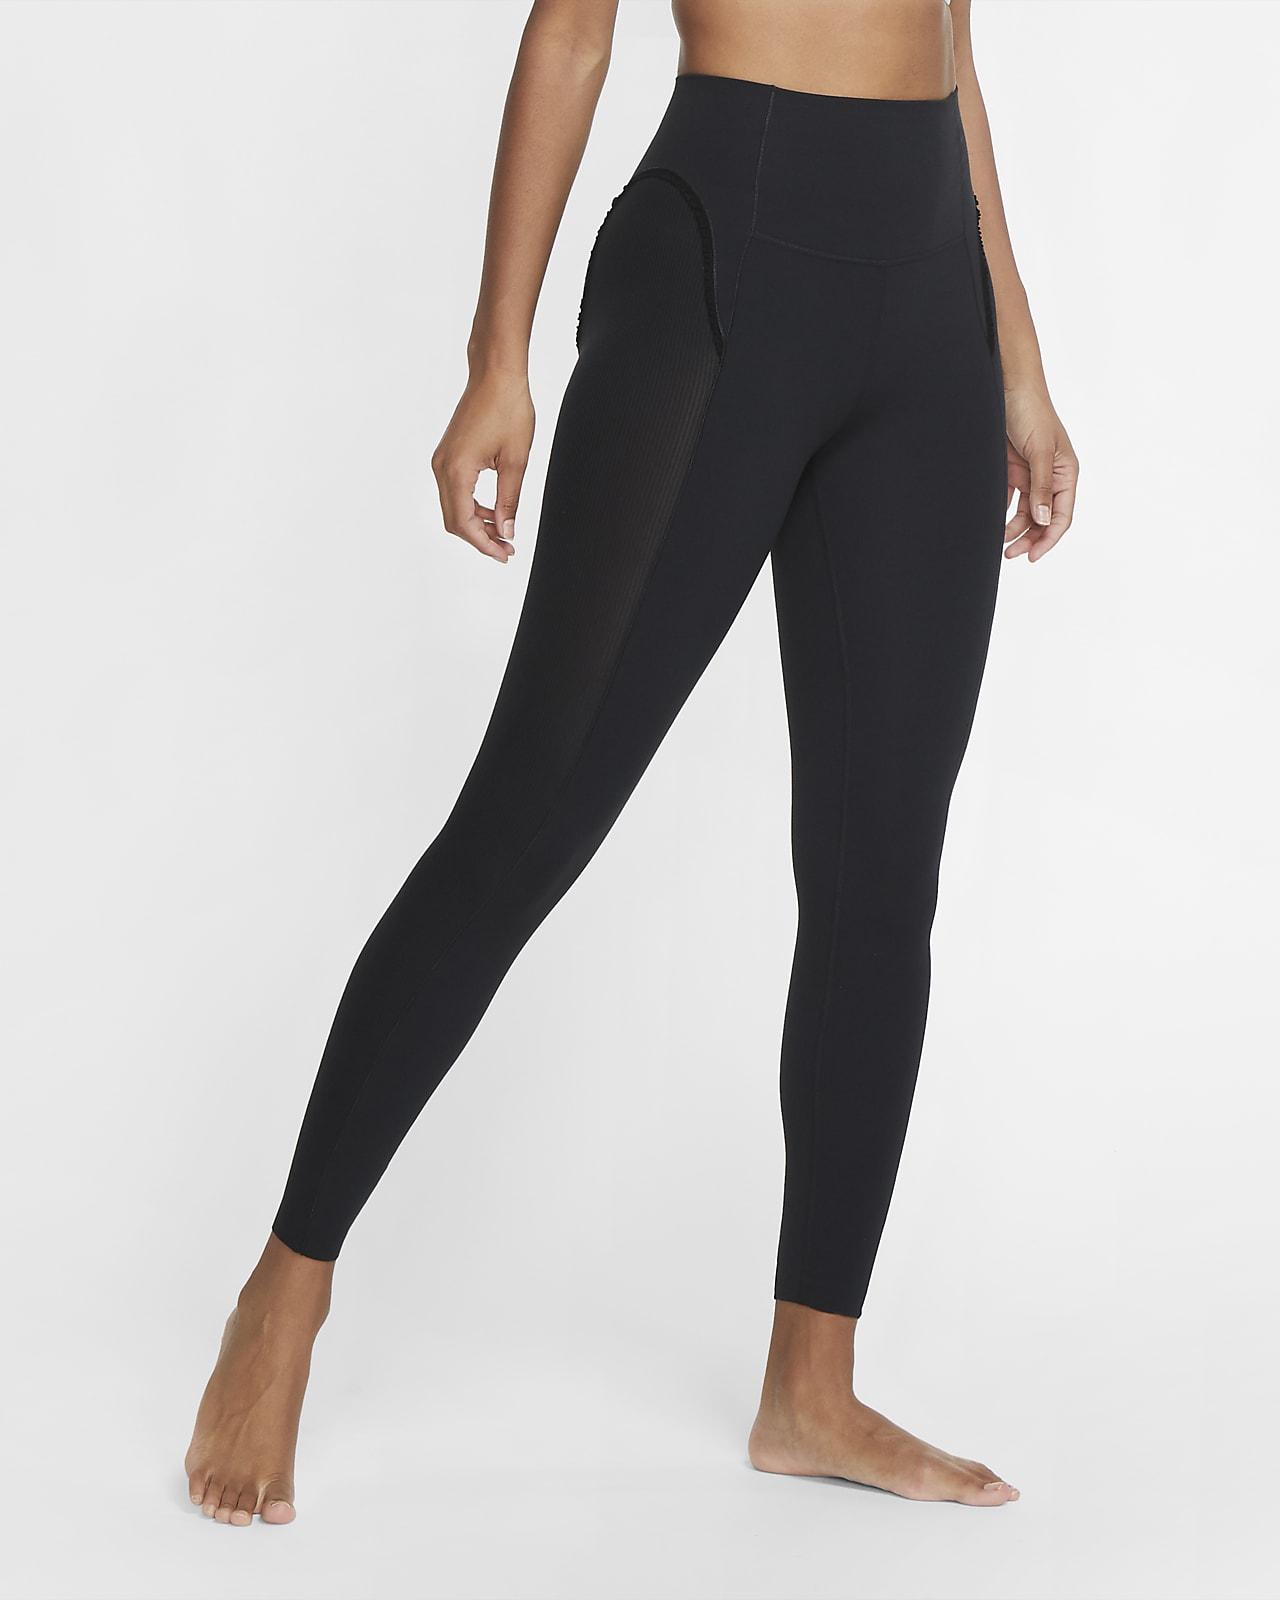 Nike Yoga Luxe-Infinalon-flæsetights i 7/8-længde til kvinder